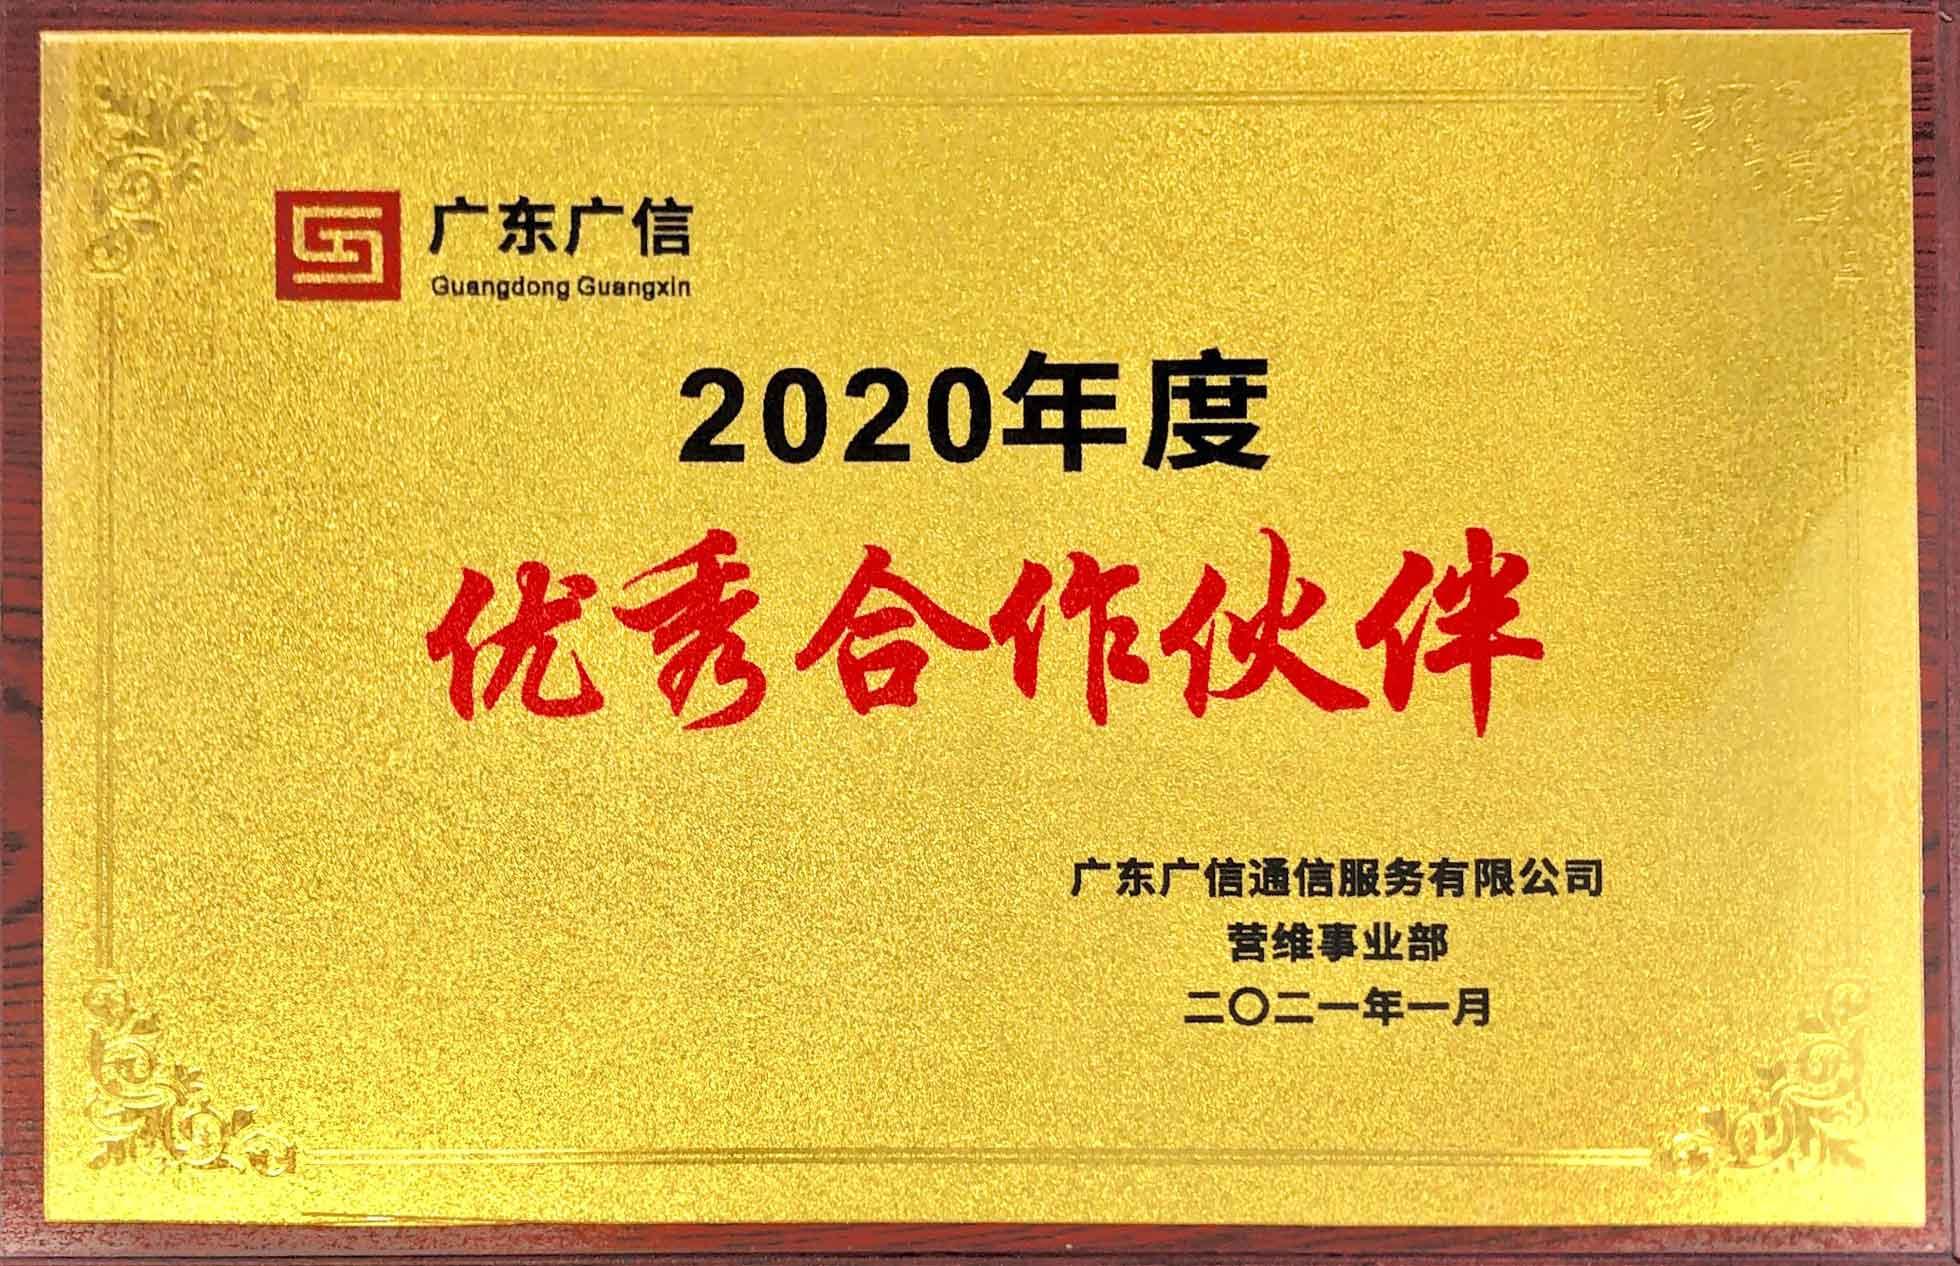 """筑泰防务获评广信""""2020年度优秀合作伙伴""""!"""